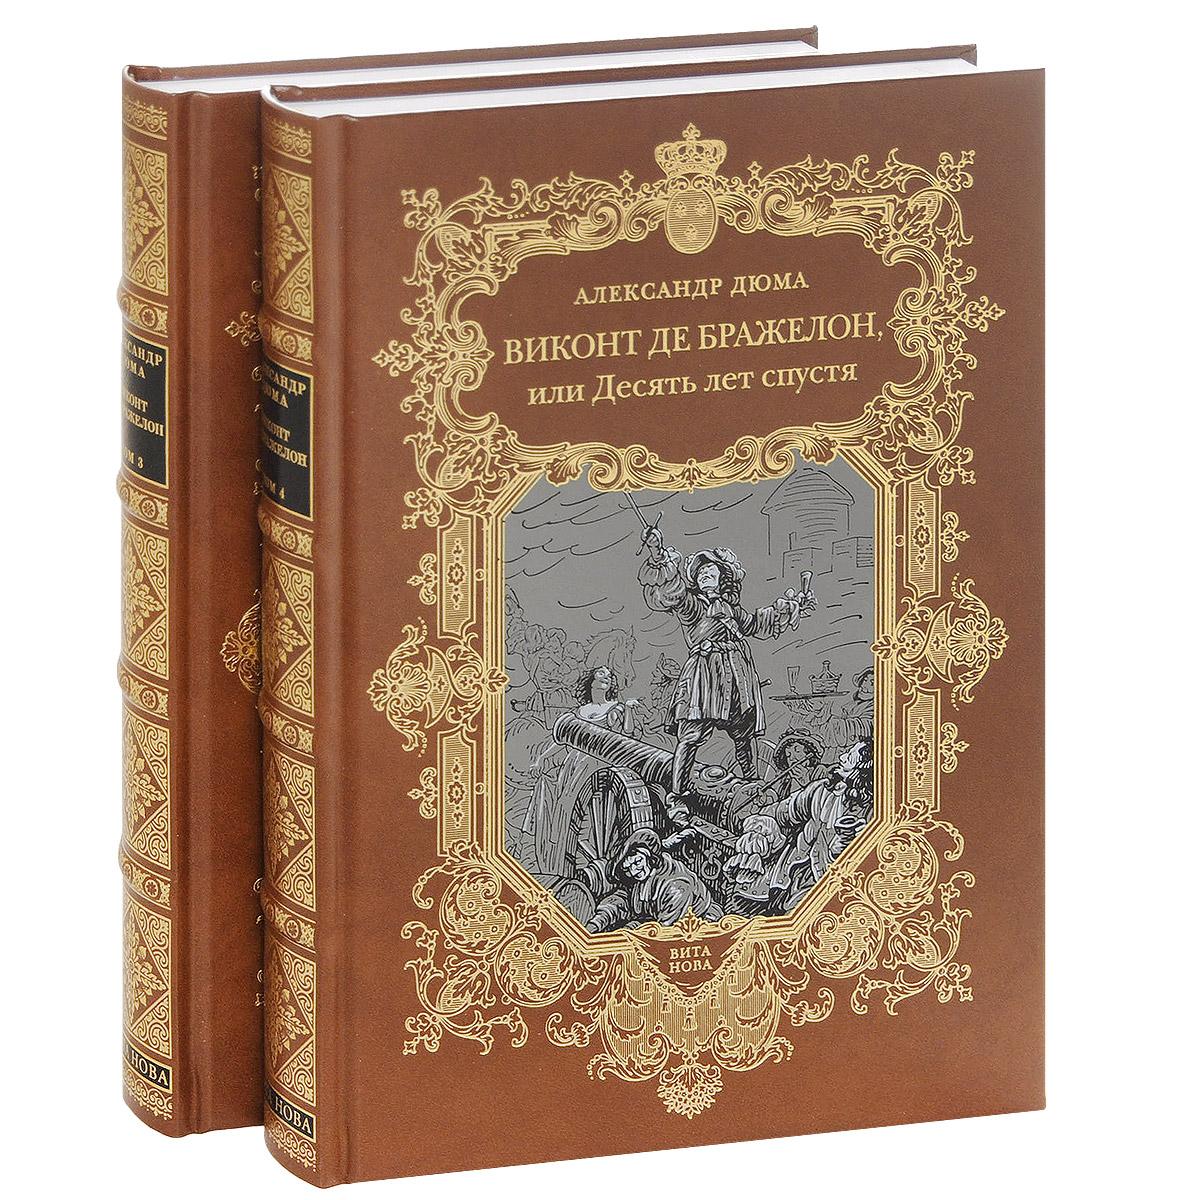 Виконт де Бражелон, или Десять лет спустя. В 6 томах. Тома 3-4 (комплект из 2 книг)